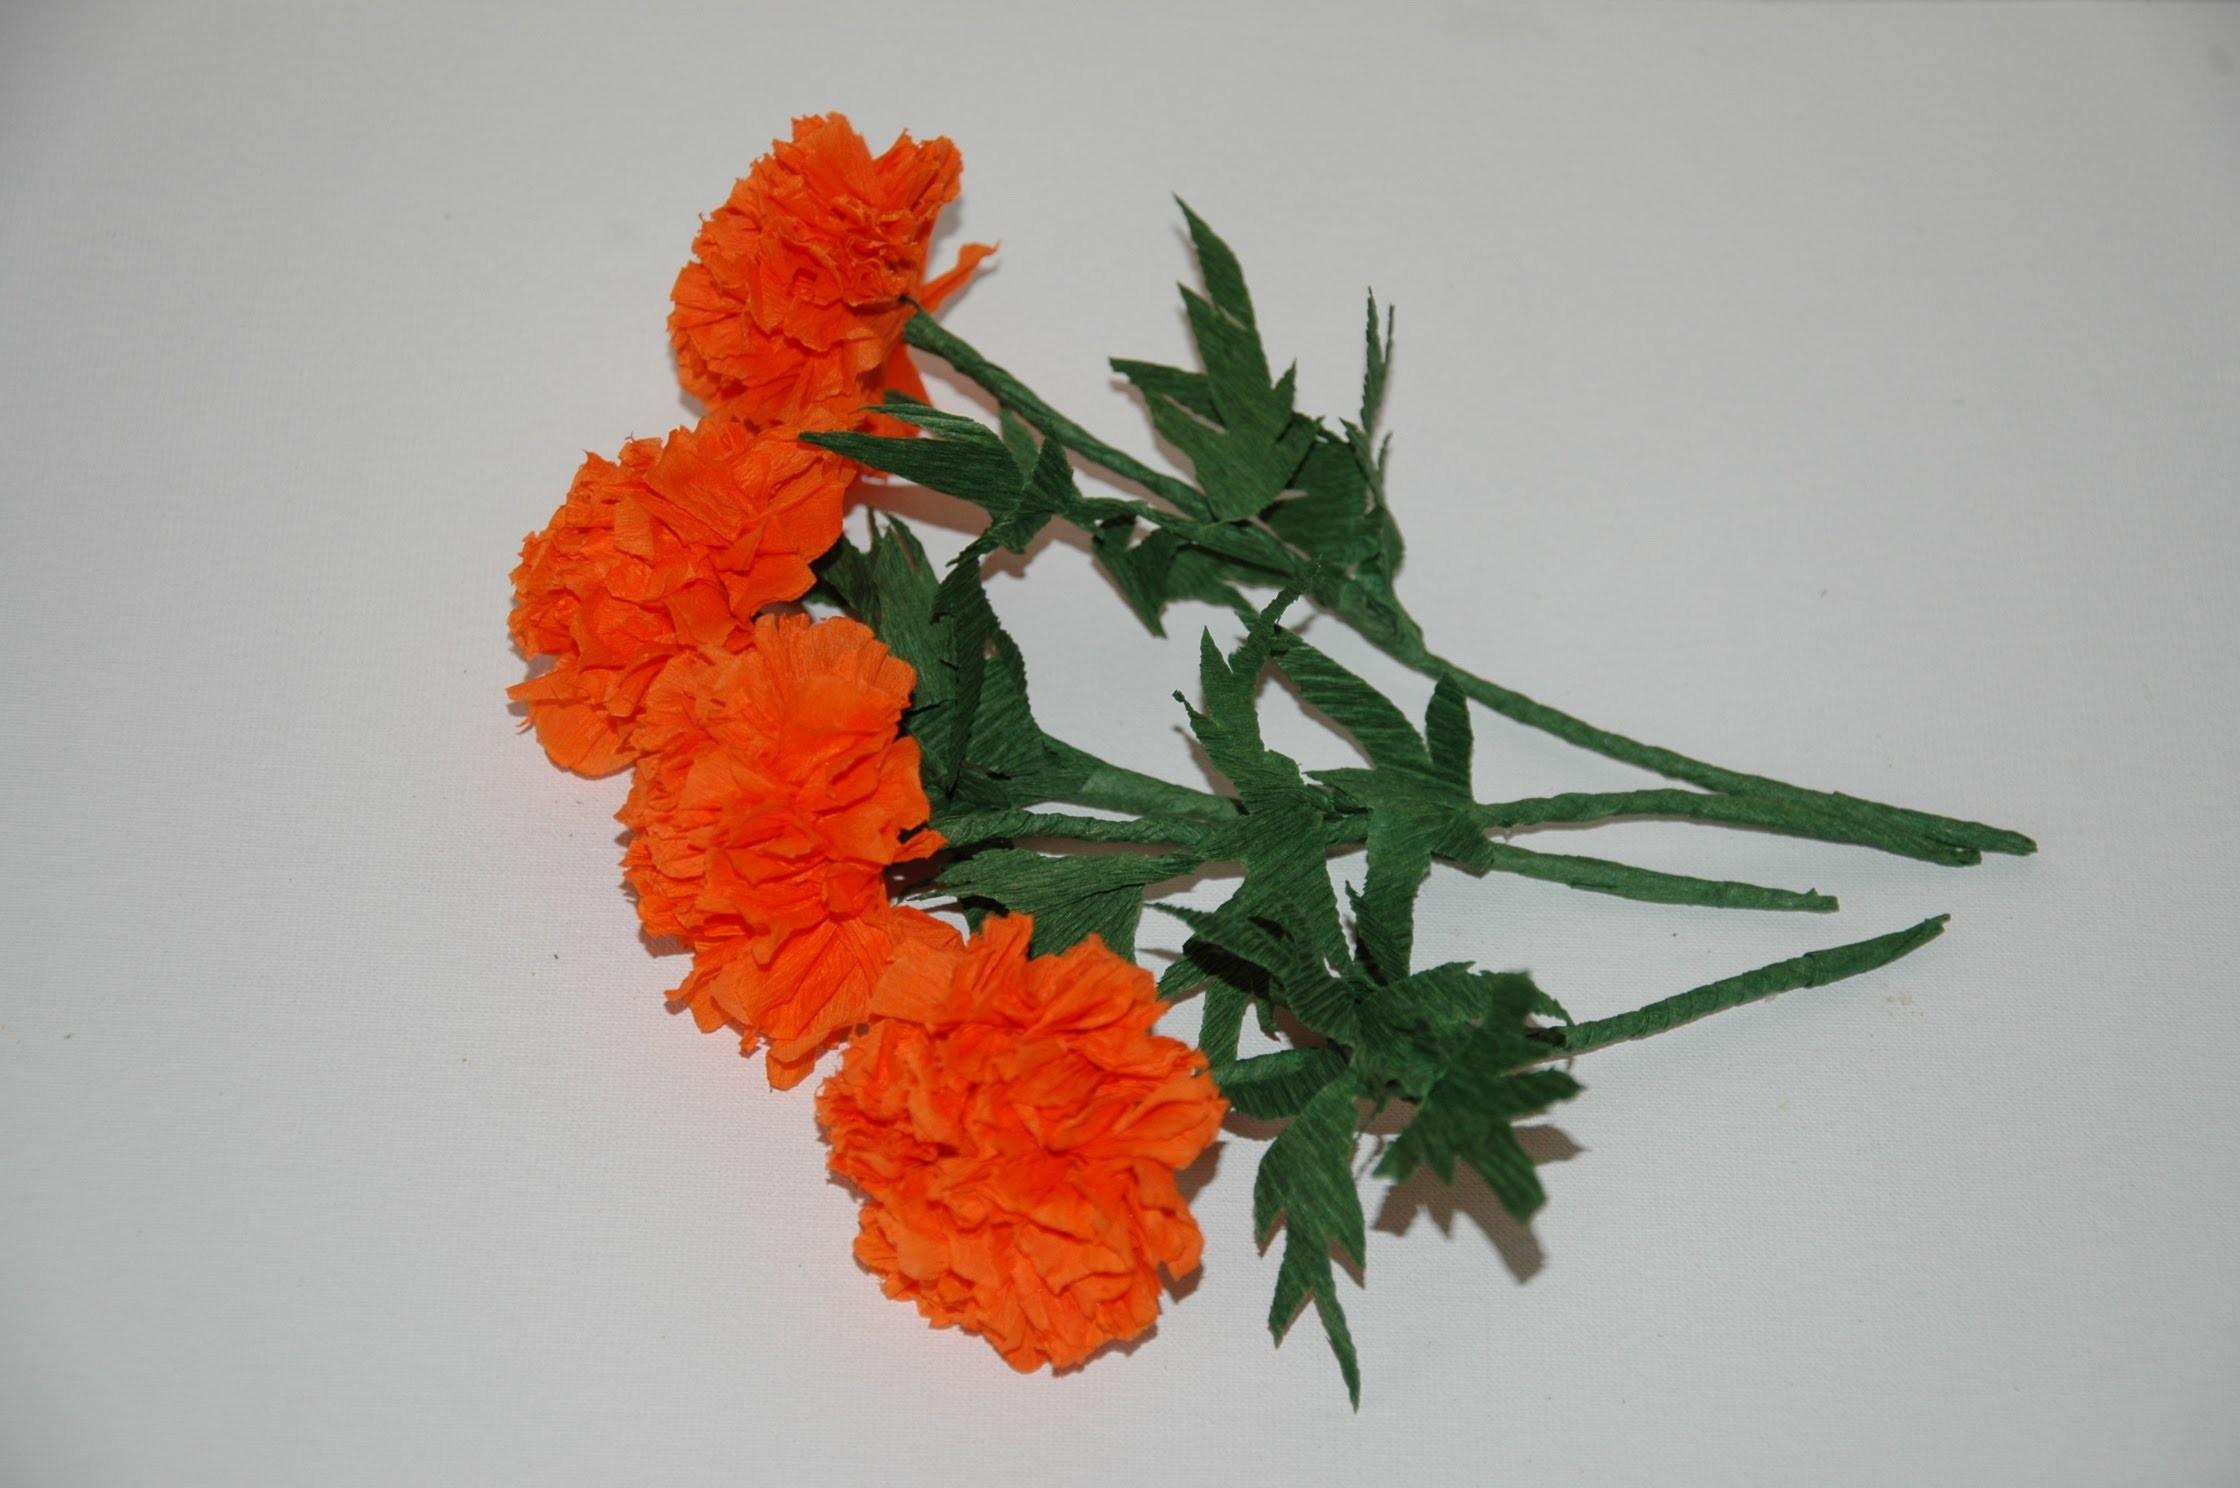 Making flowers with paper - Marigolds. Kwiaty z bibuły 2 DIY